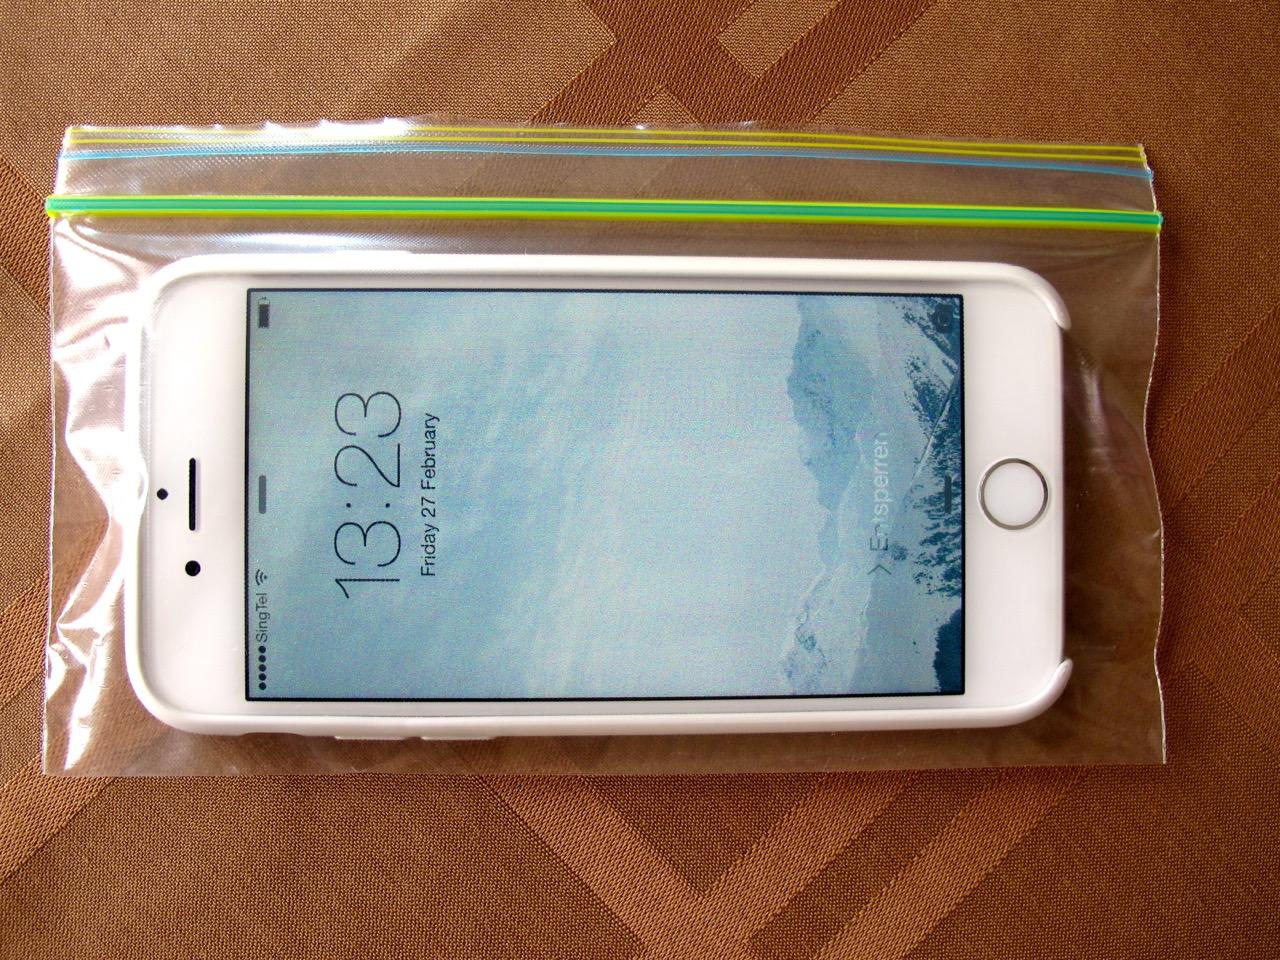 LIFE HACK für Mutige: Mit einem ZIPLOCK Beutel das nagelneue iPhone (deines besten Freundes) zu einer Unterwasserkamera umfunktionieren.